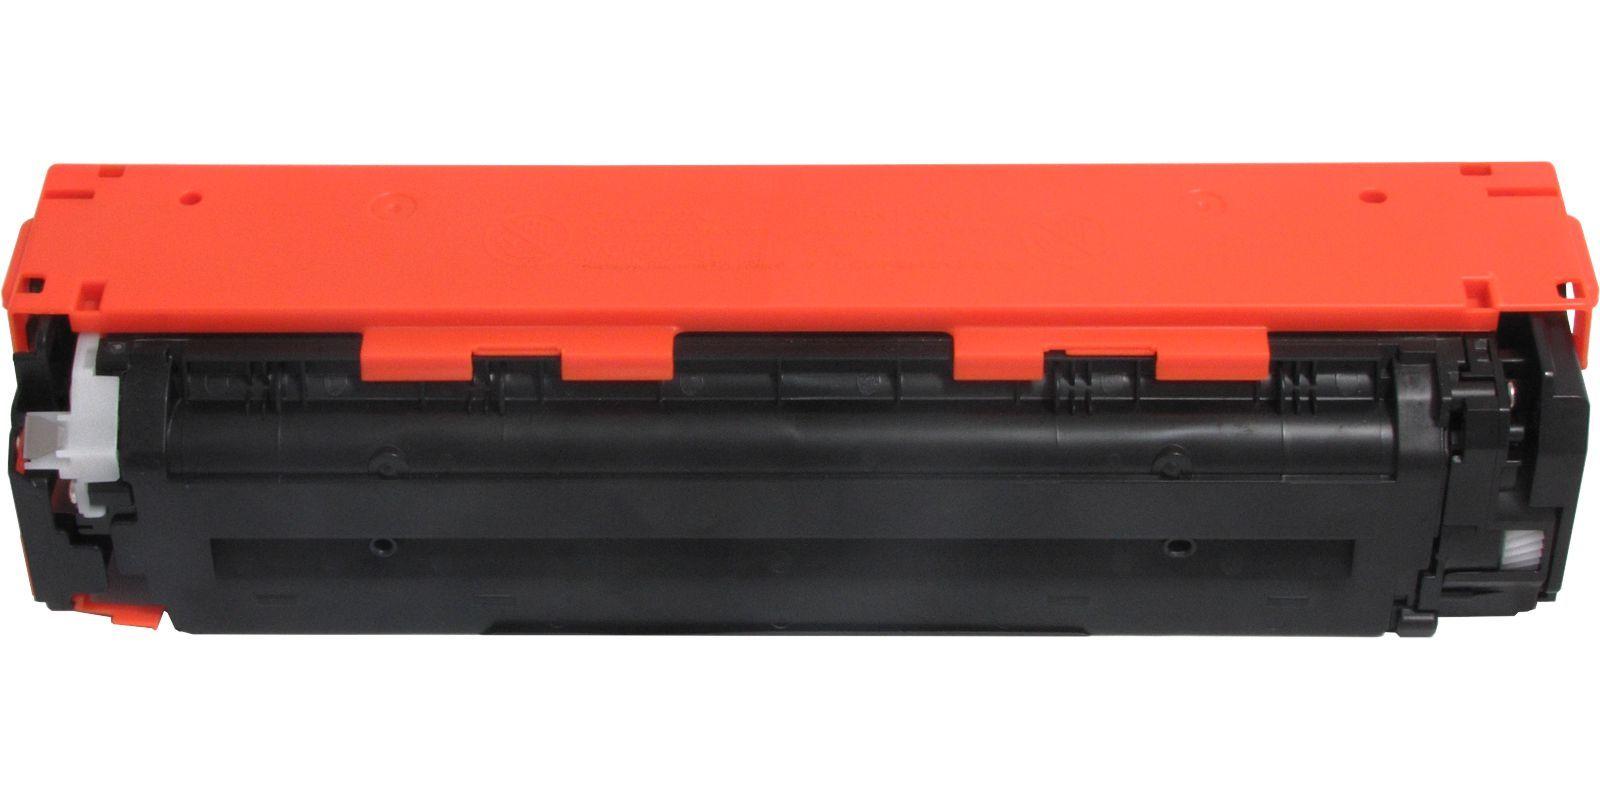 Картридж лазерный цветной Office Pro© 131A CF213A пурпурный (magenta), до 1800 стр.